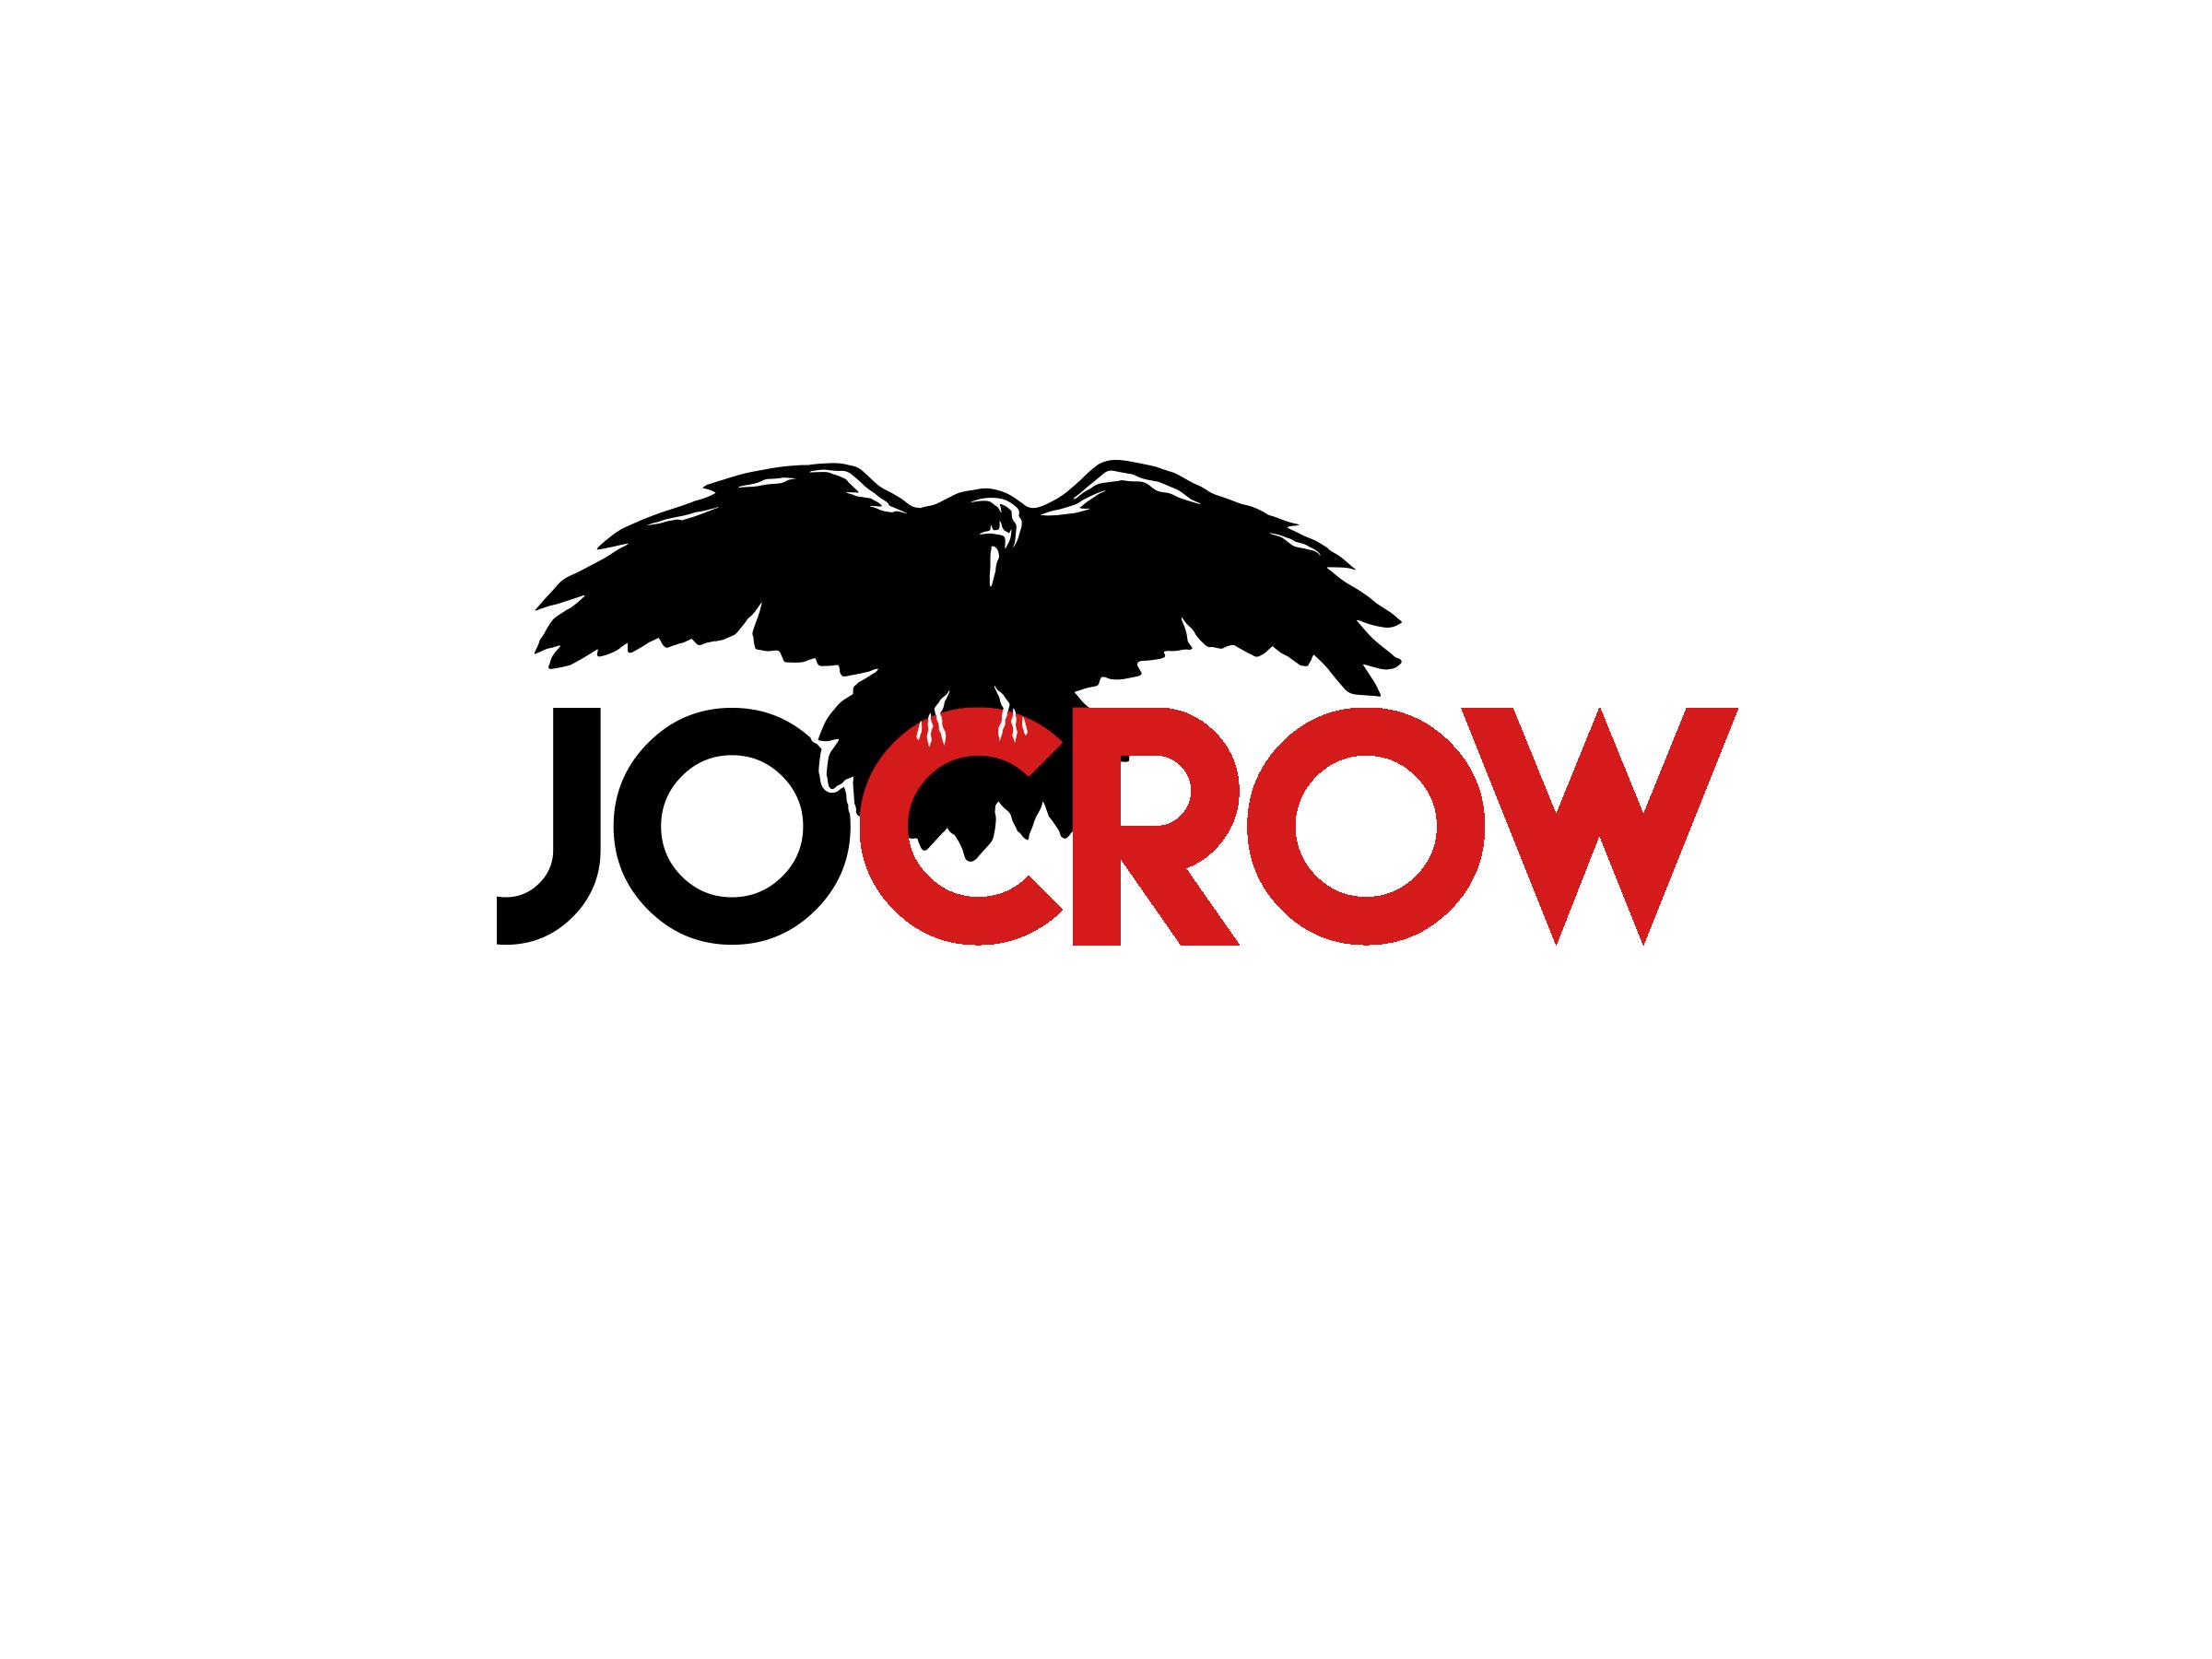 Jo Crow